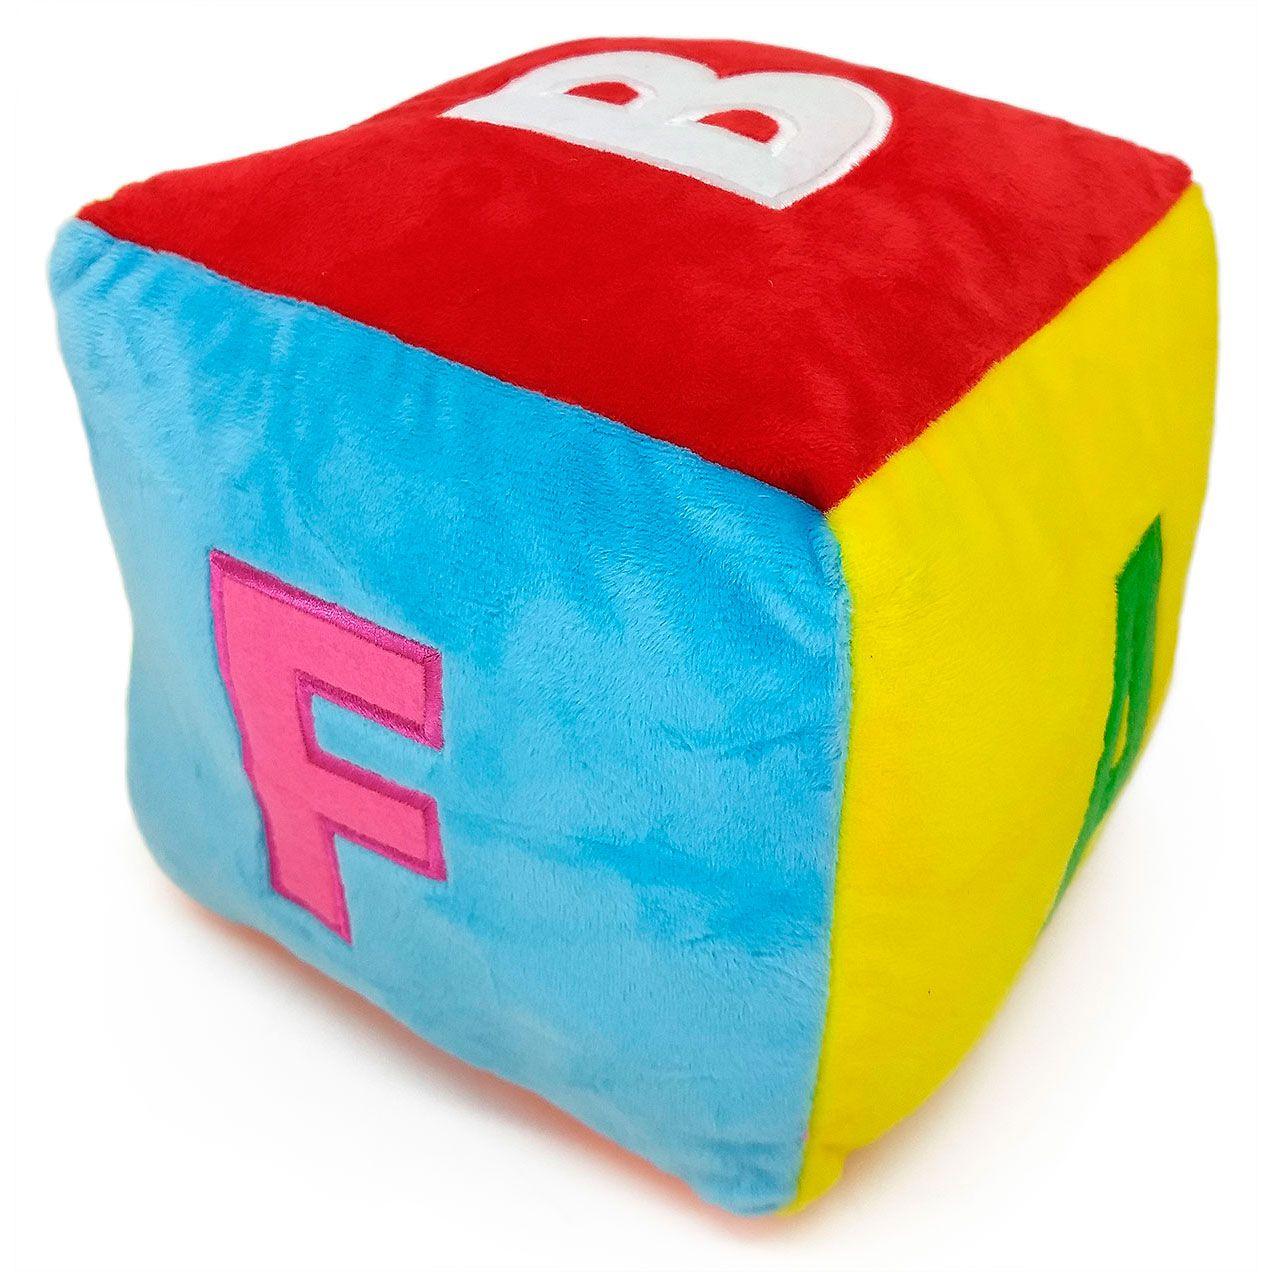 Cubo Colorido de Pelúcia com Chocalho